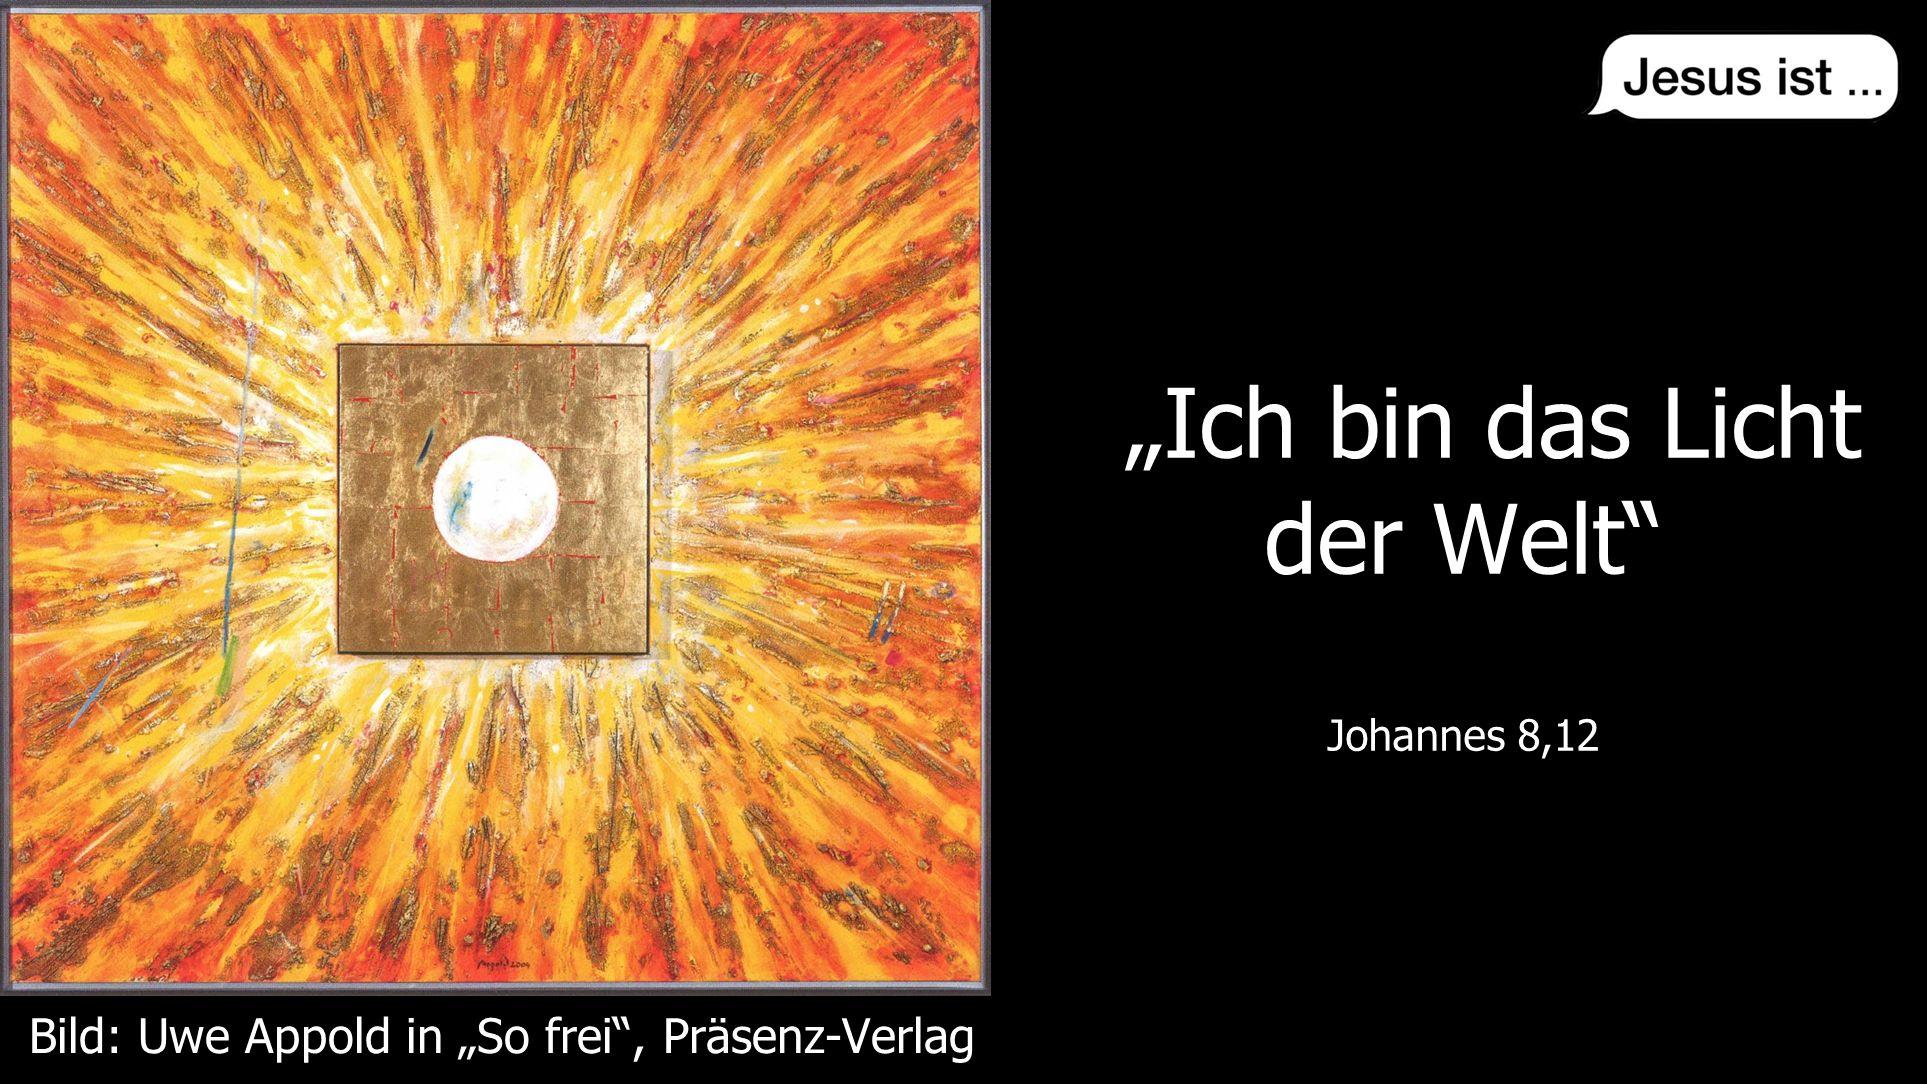 """"""" """" Johannes 8,12 """"Ich bin das Licht der Welt"""" Johannes 8,12 Bild: Uwe Appold in """"So frei"""", Präsenz-Verlag"""